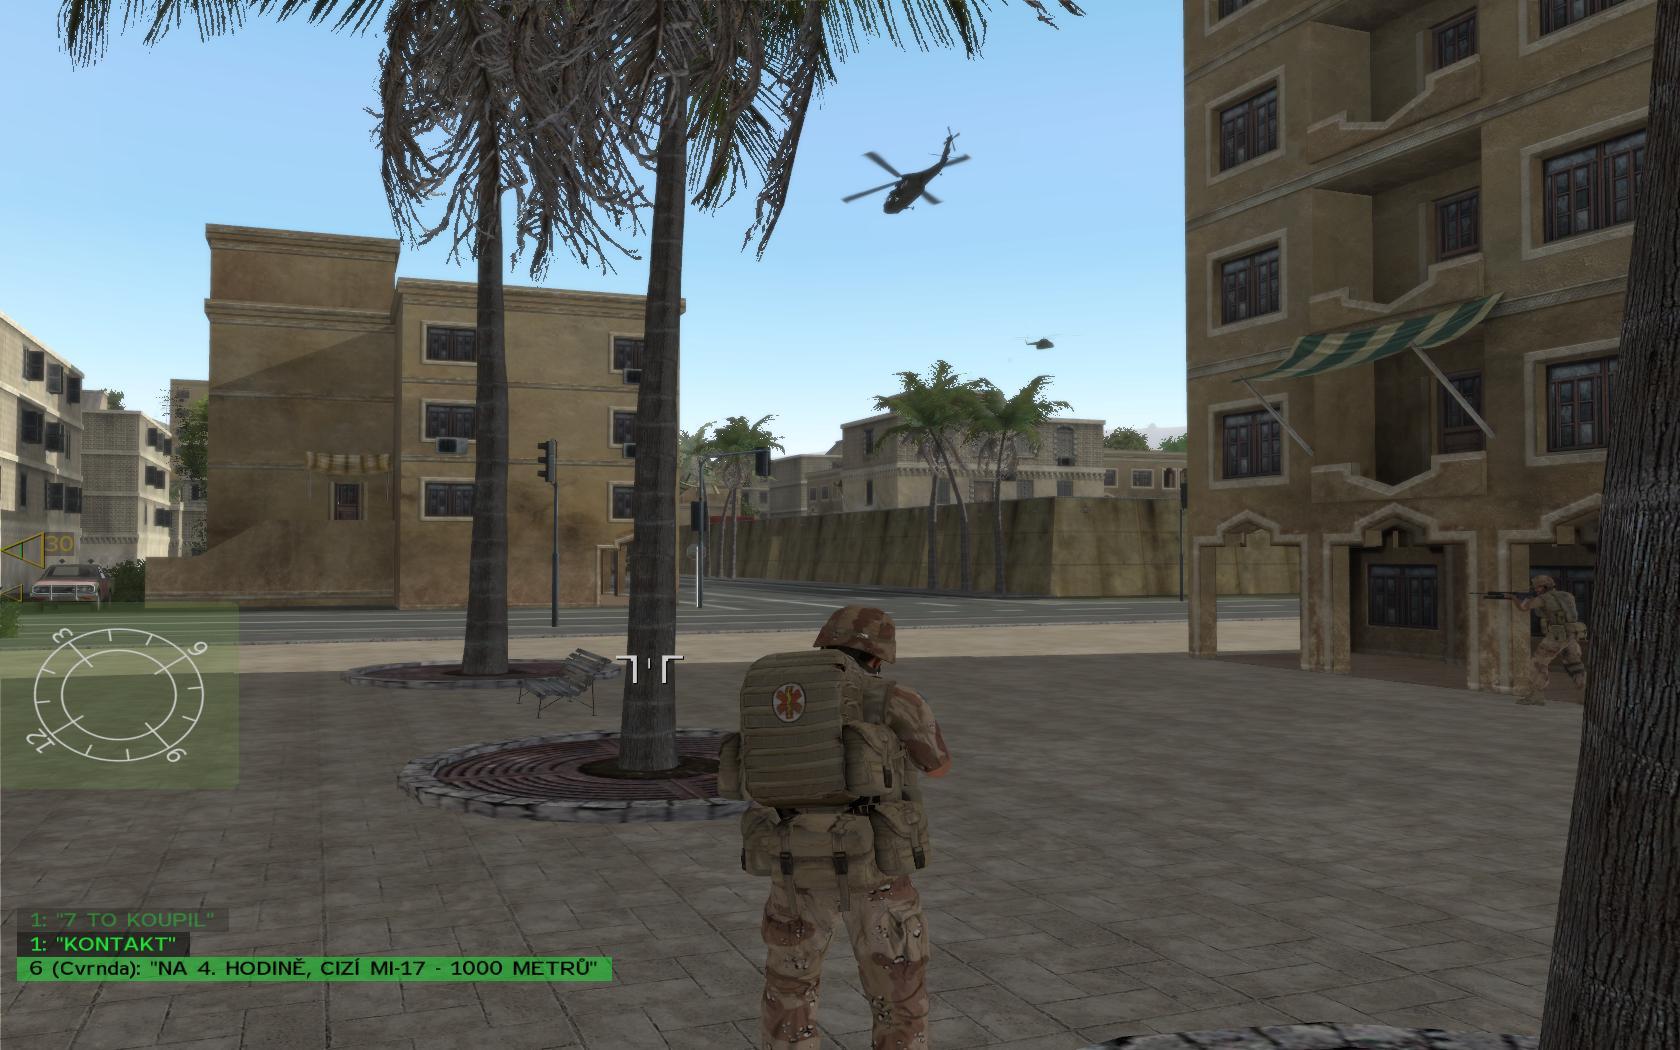 Bohemia Interactive: Studio, které zlepšilo herní průmysl - Kapitola čtvrtá - Arma, válčení pro novou generaci 75547